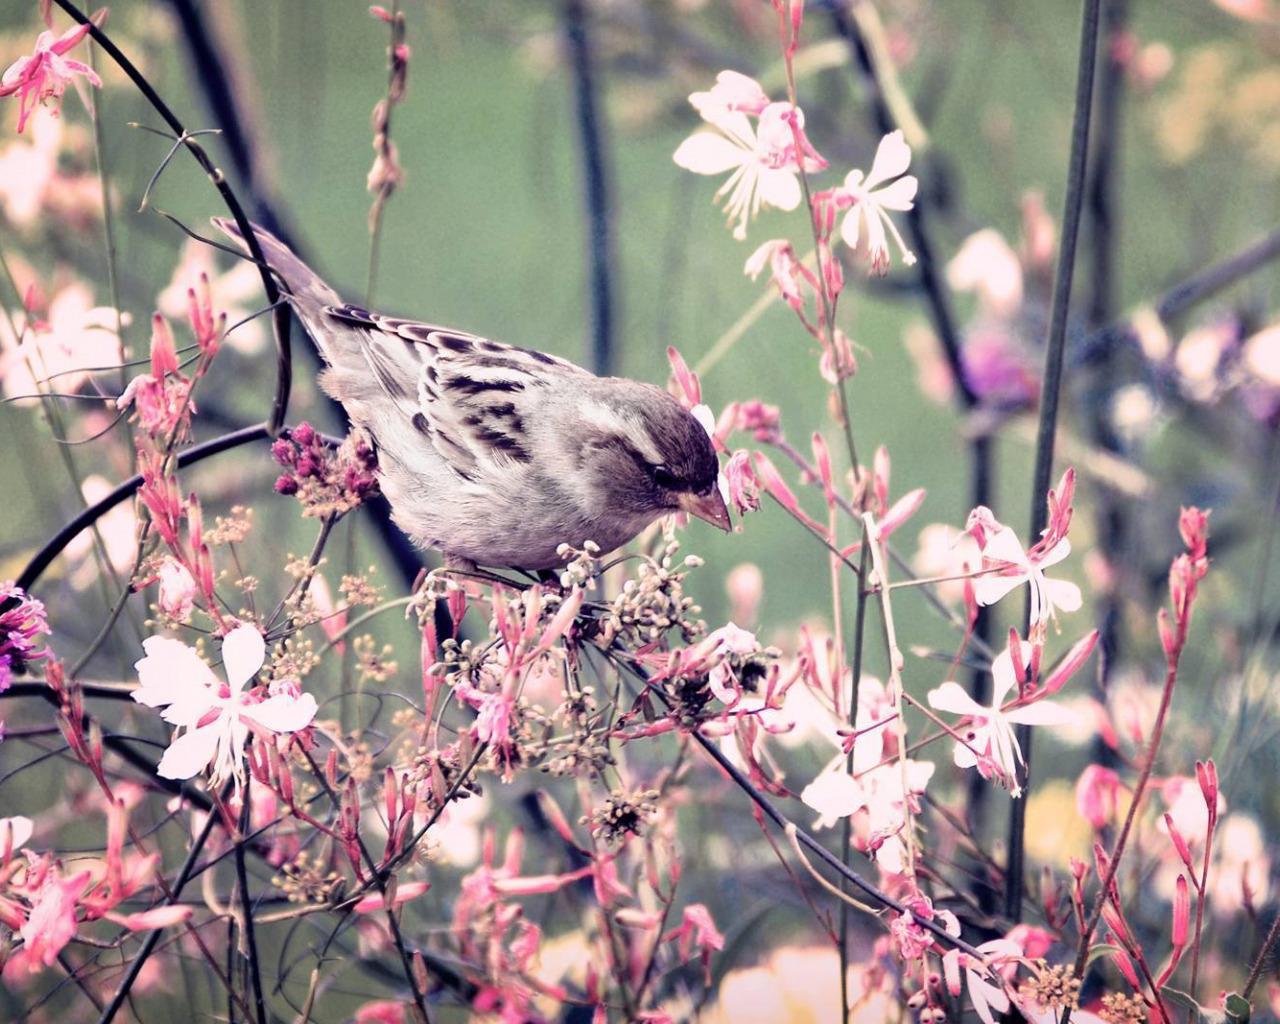 птичка ветка  № 1660327 загрузить